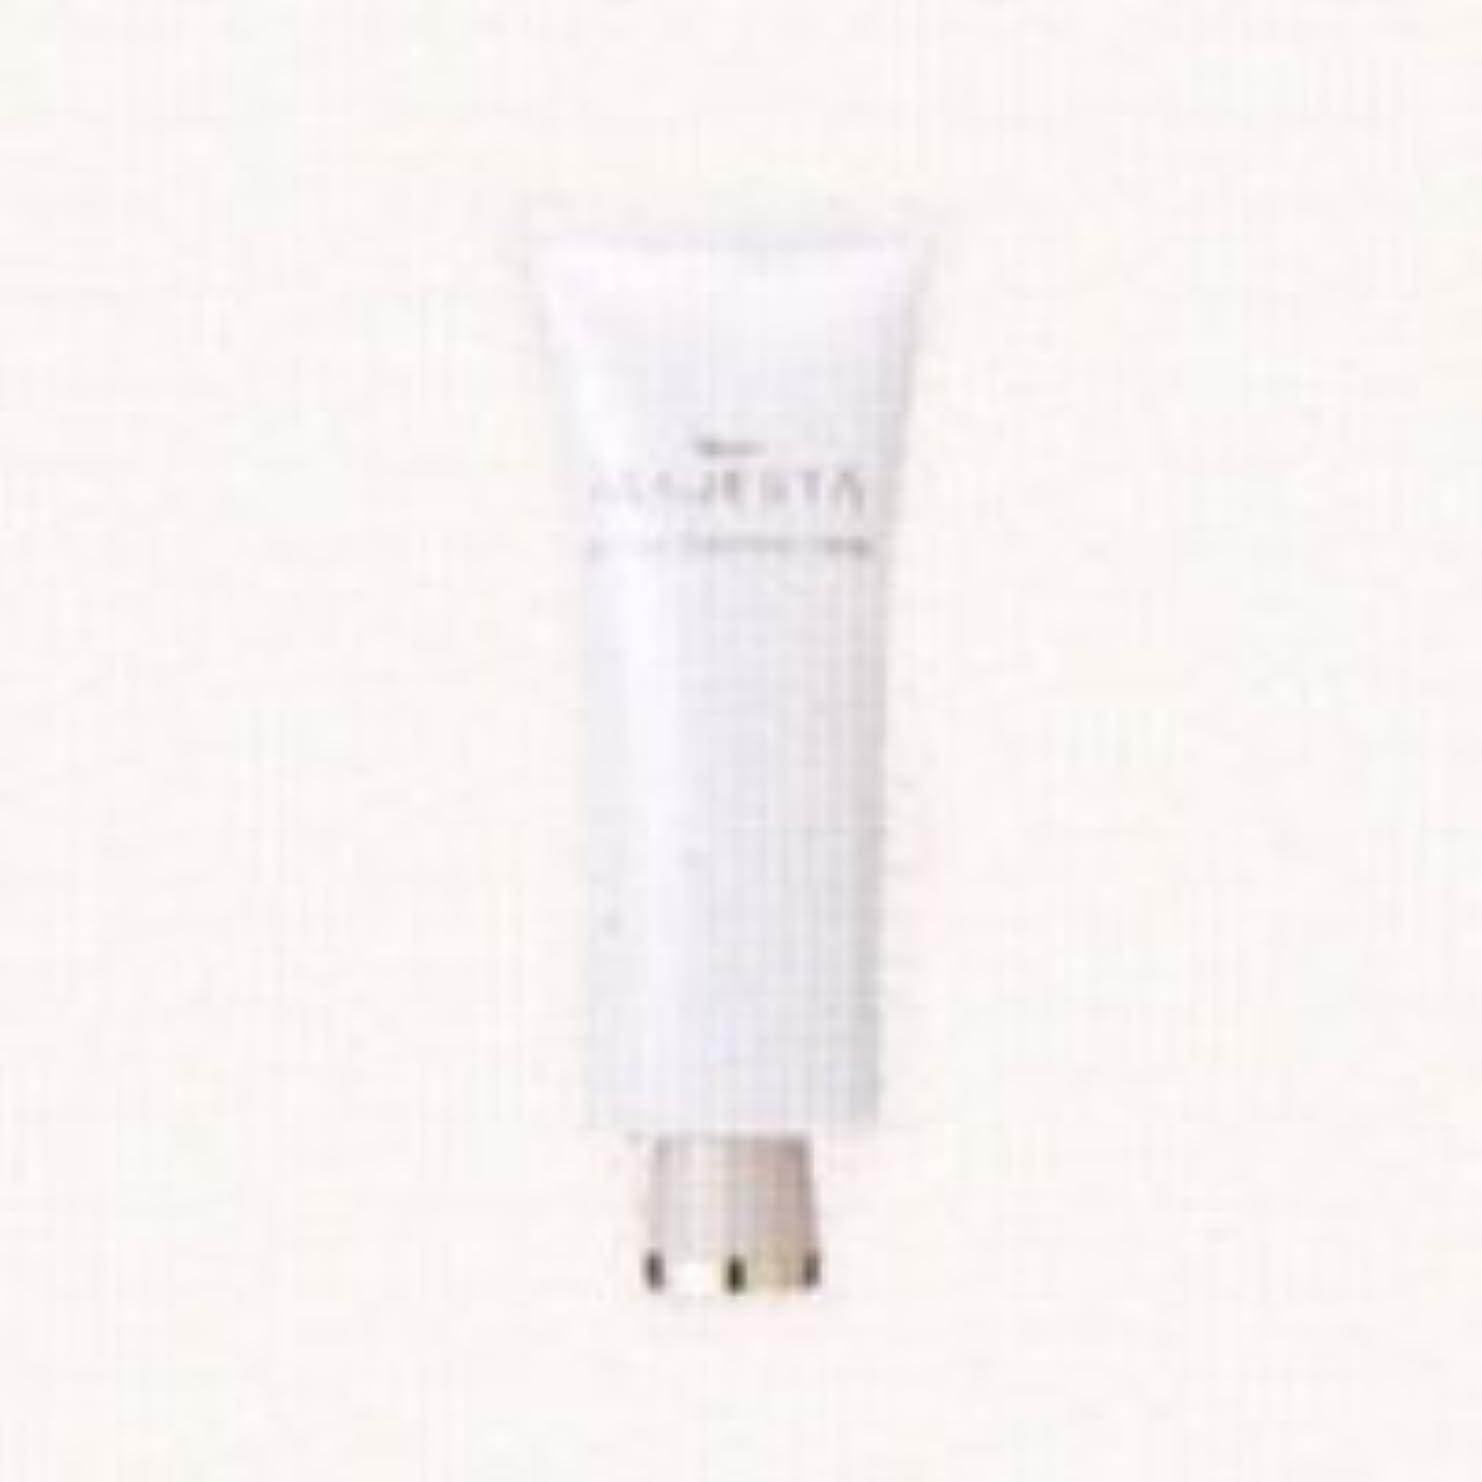 油統治可能宣言するナリス化粧品 マジェスタ ネオアクシスクレンジングクリーム 150g